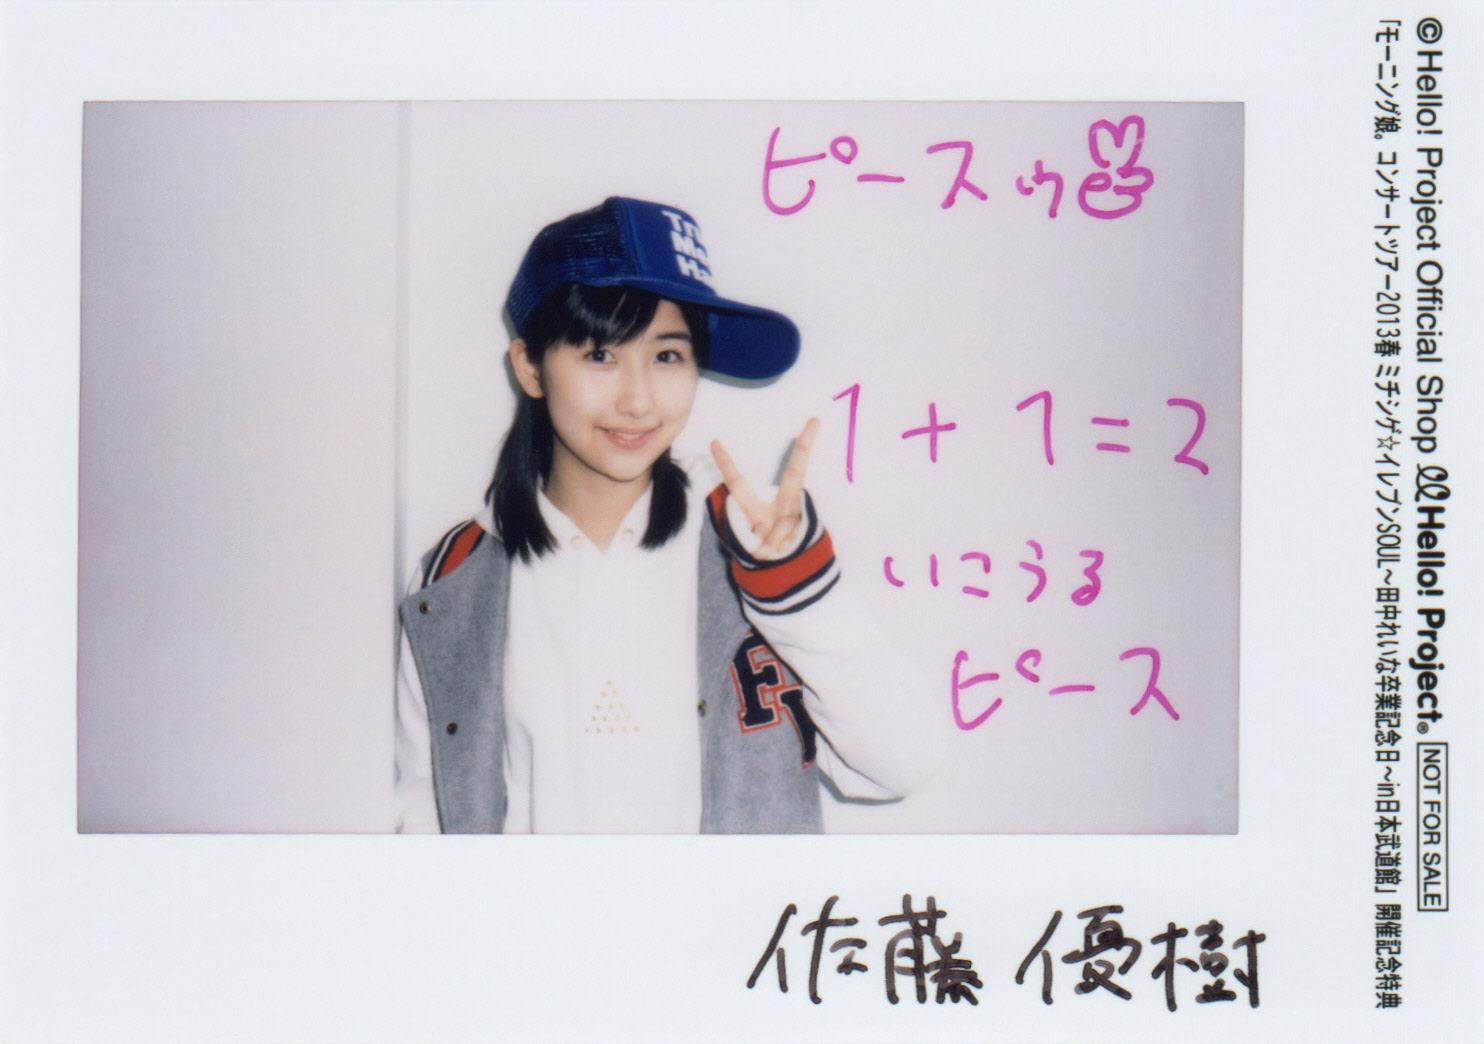 【モーニング娘。10期】サトウマサキこと佐藤優樹ちゃんを応援するでしょ~428ポクポク【自分の脳みそに一番伝えたかった。】 [無断転載禁止]©2ch.netYouTube動画>9本 ->画像>793枚